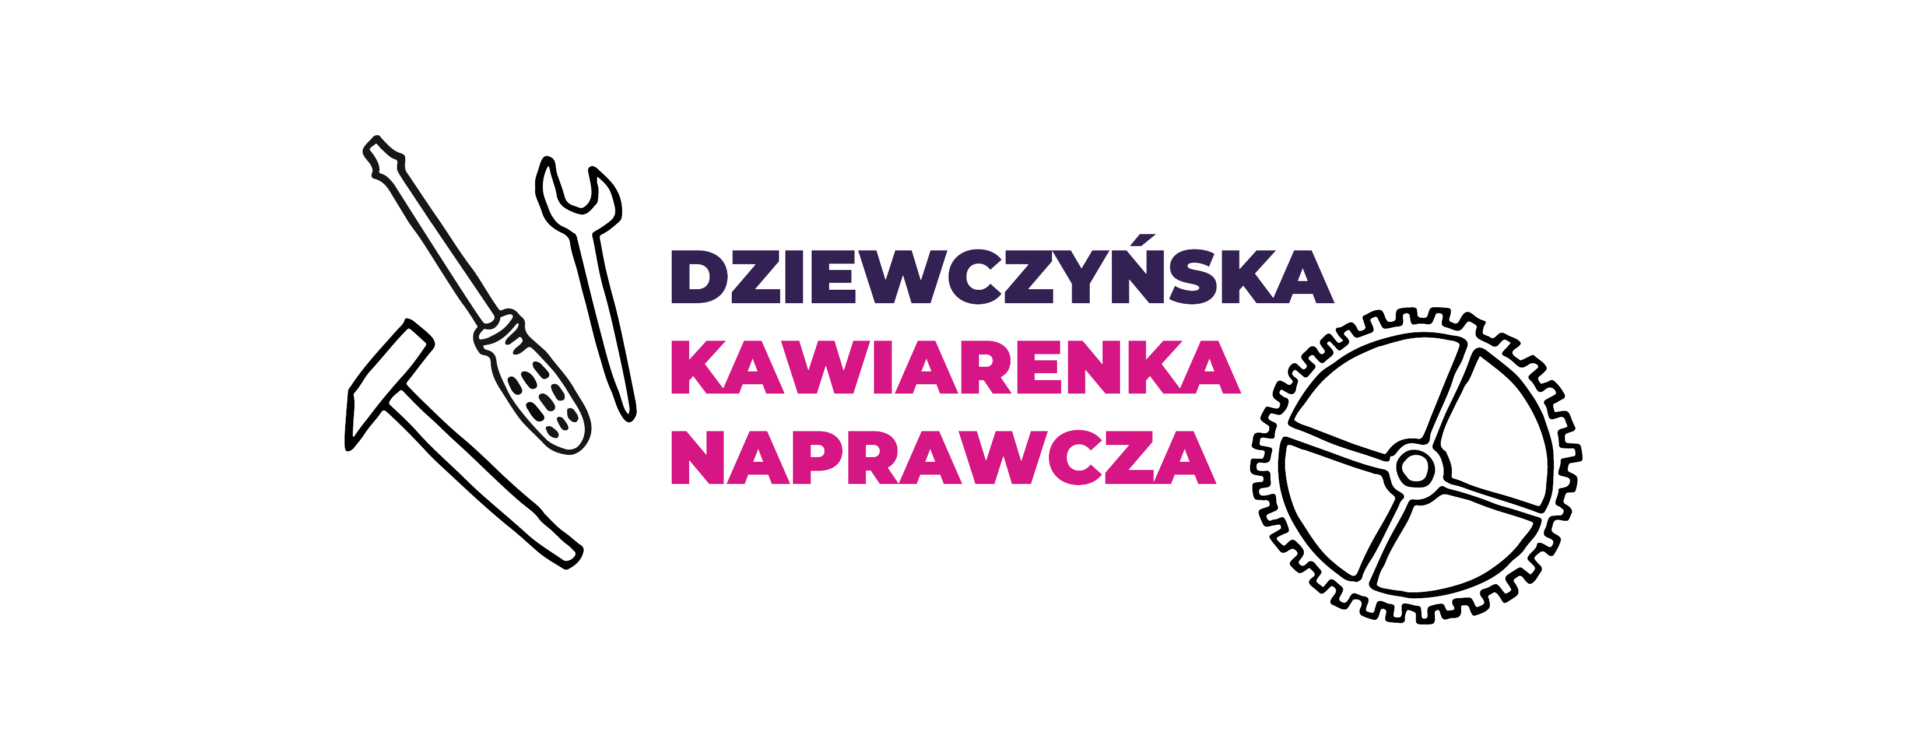 Logotyp Dziewczyńskiej Kawiarenki Naprawczej